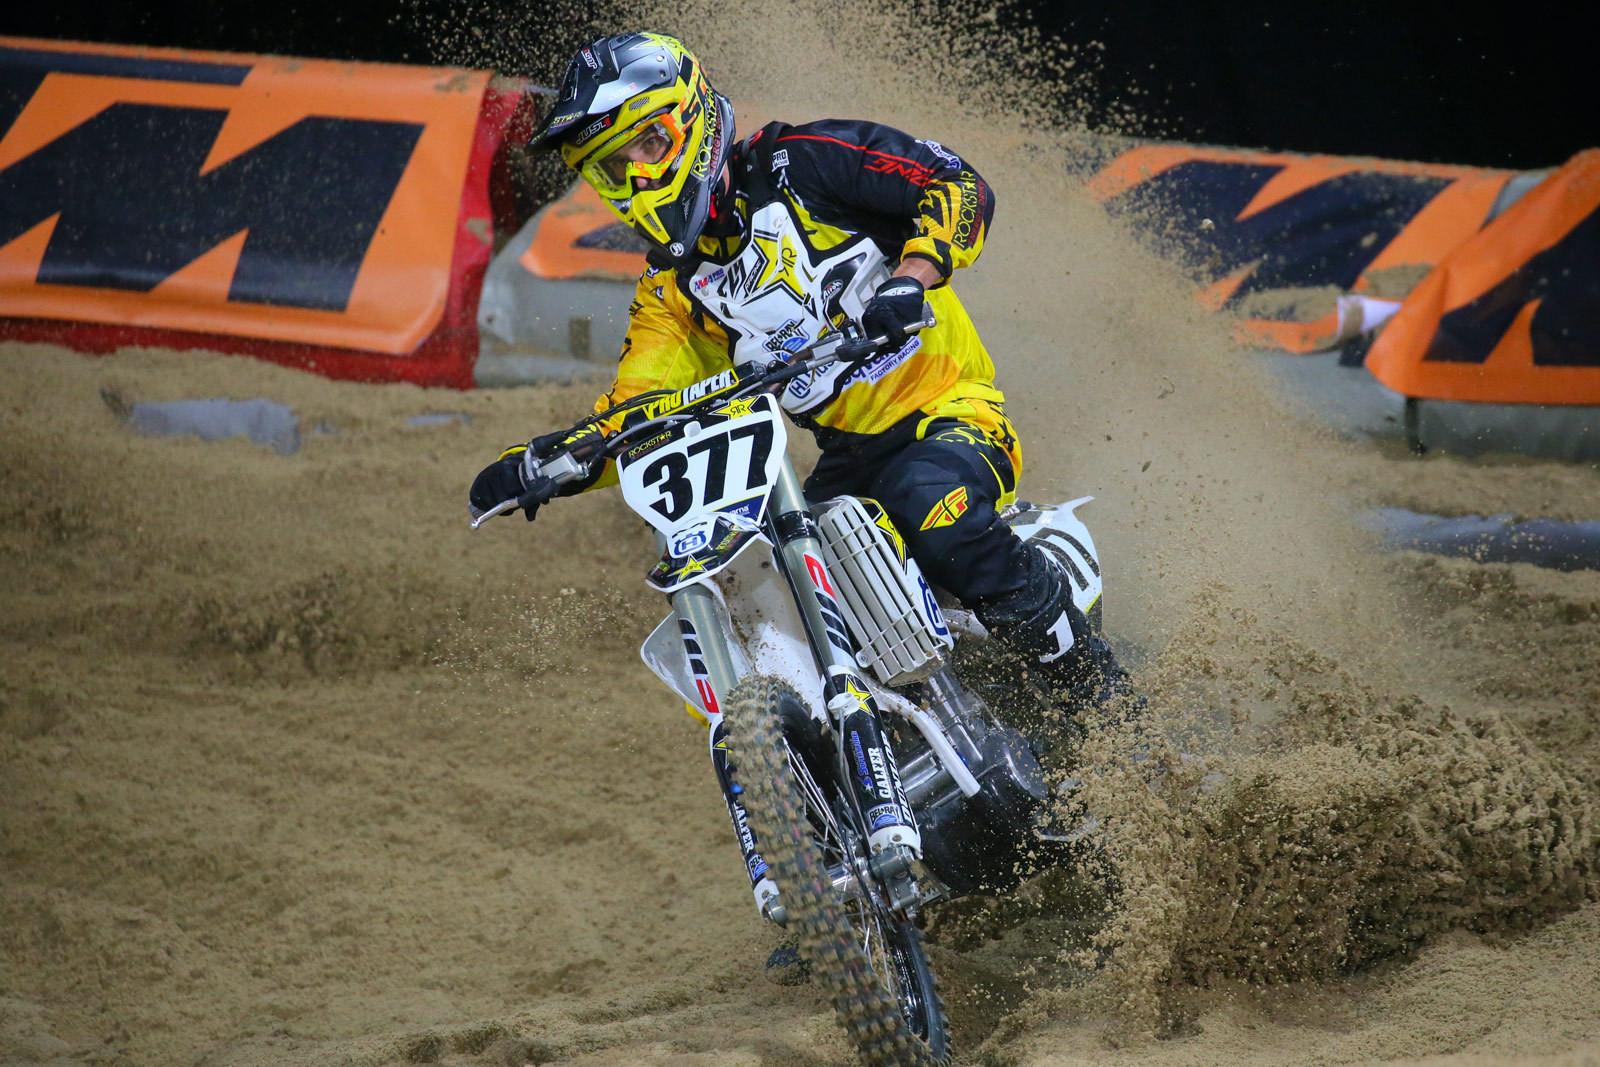 Christophe Pourcel - Vital MX Pit Bits: Paris-Lille Supercross - Motocross Pictures - Vital MX